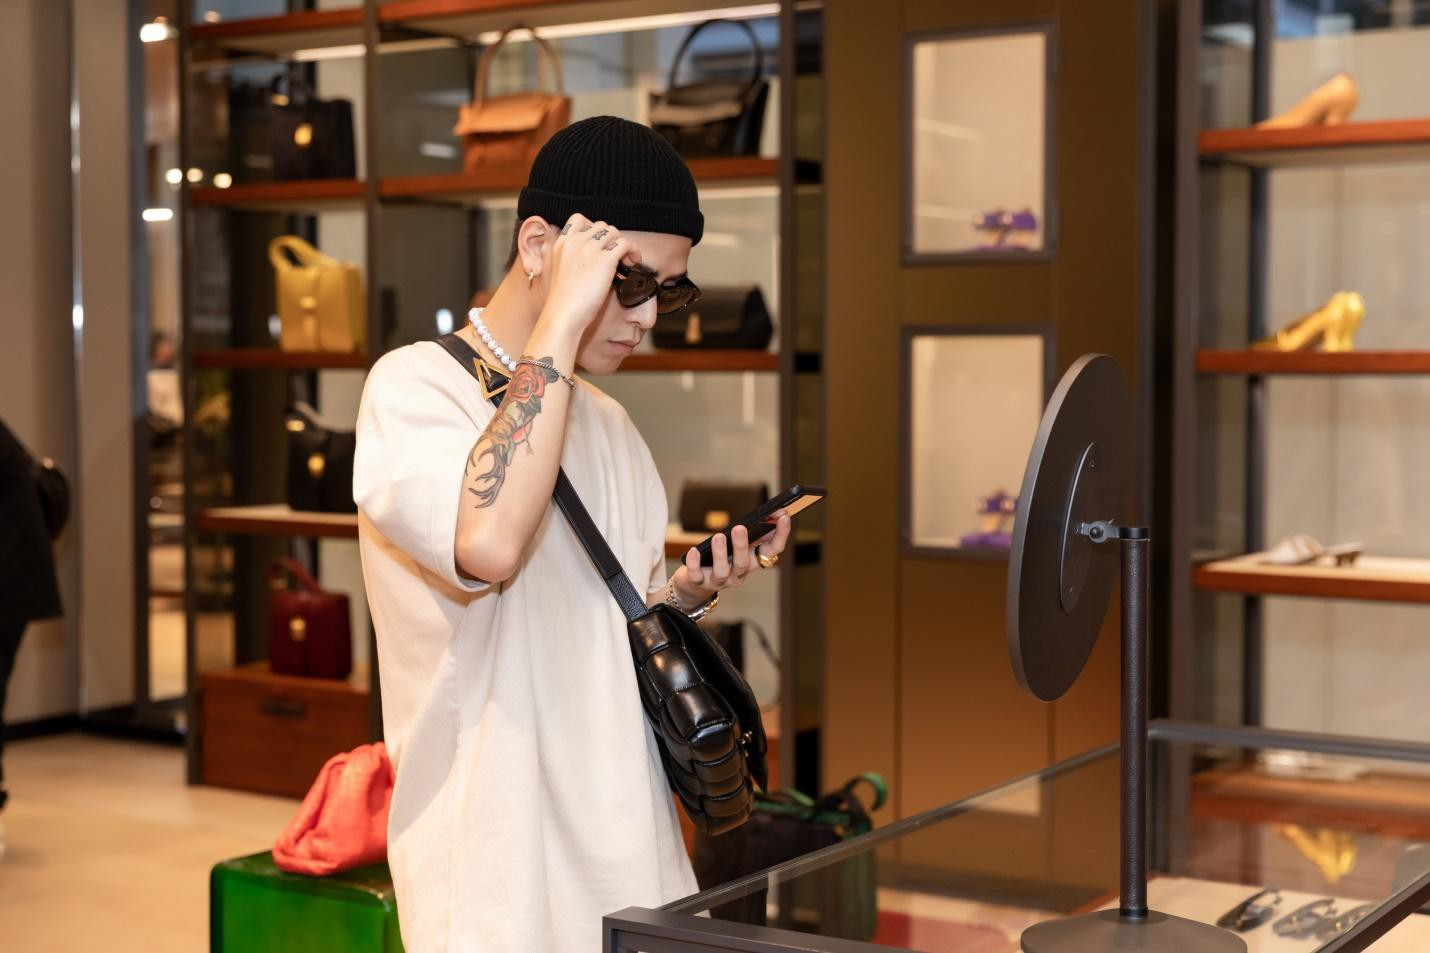 Bottega Veneta ra mắt BST mới: Dàn sao Việt yêu thời trang tụ hội, cùng khoe cá tính - Ảnh 10.